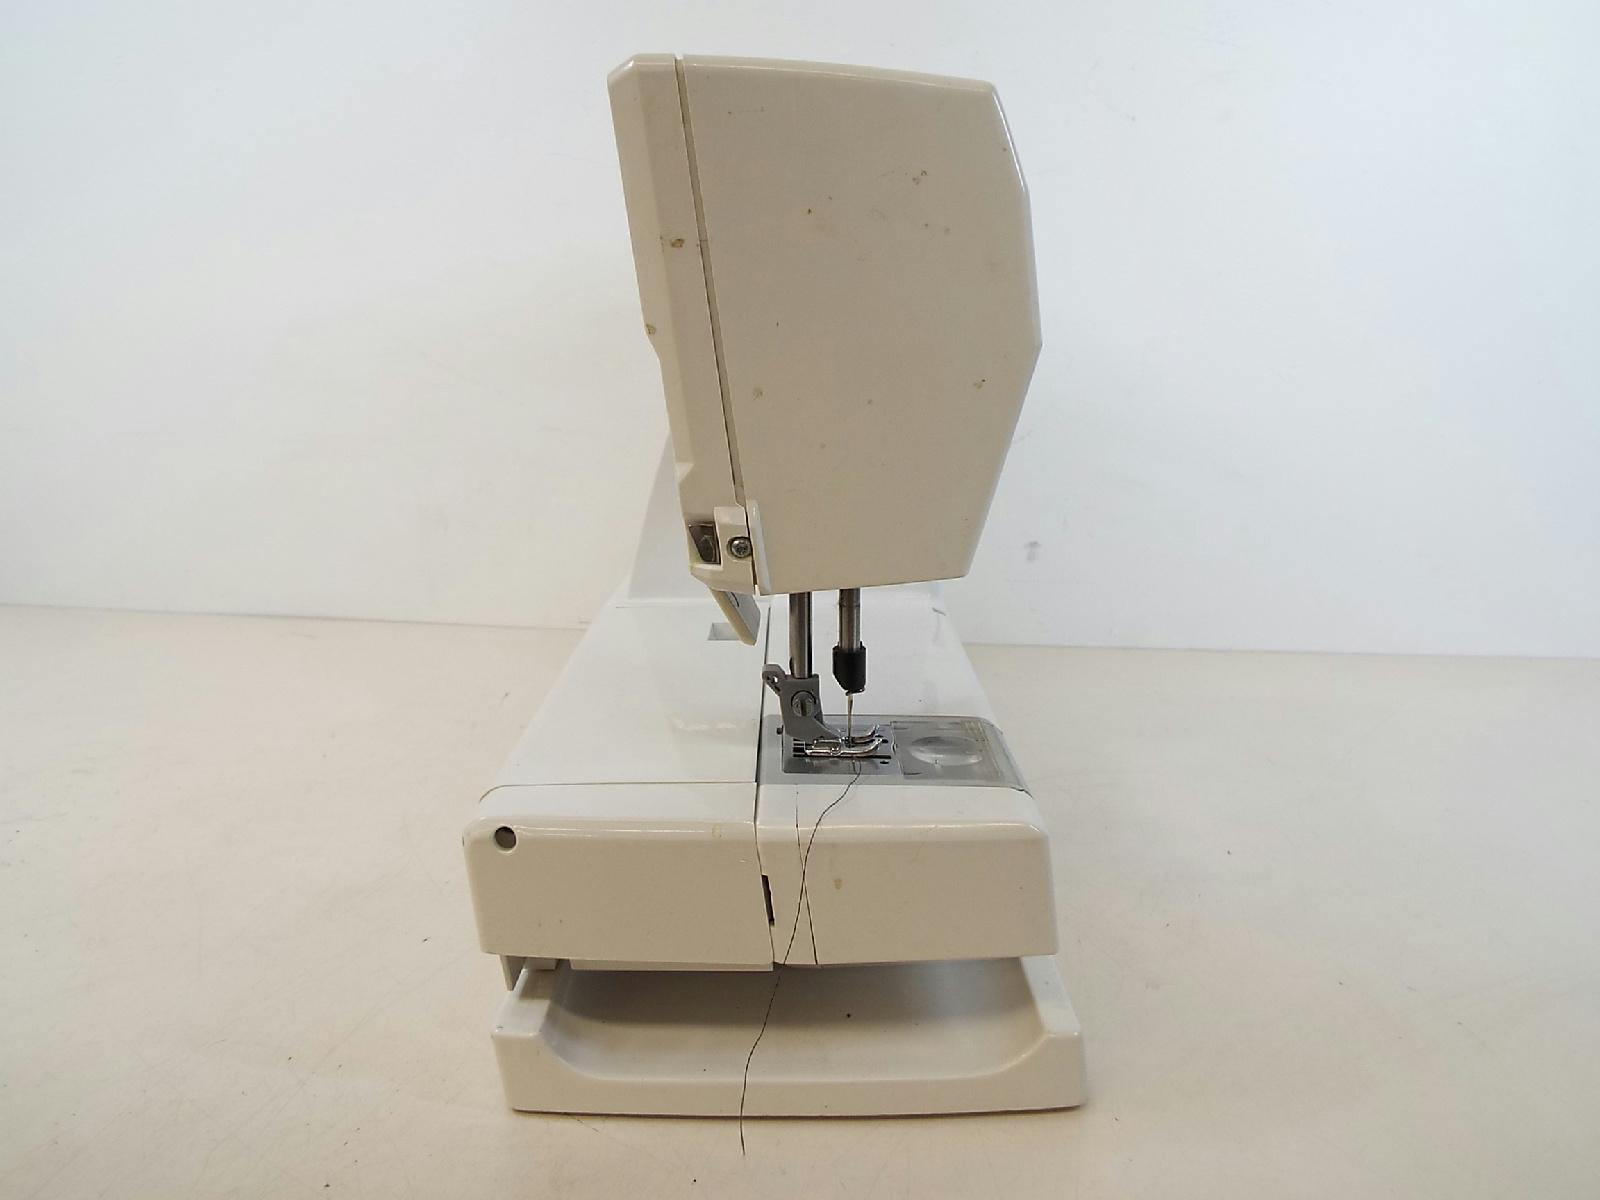 power cord for husqvarna viking sewing machine